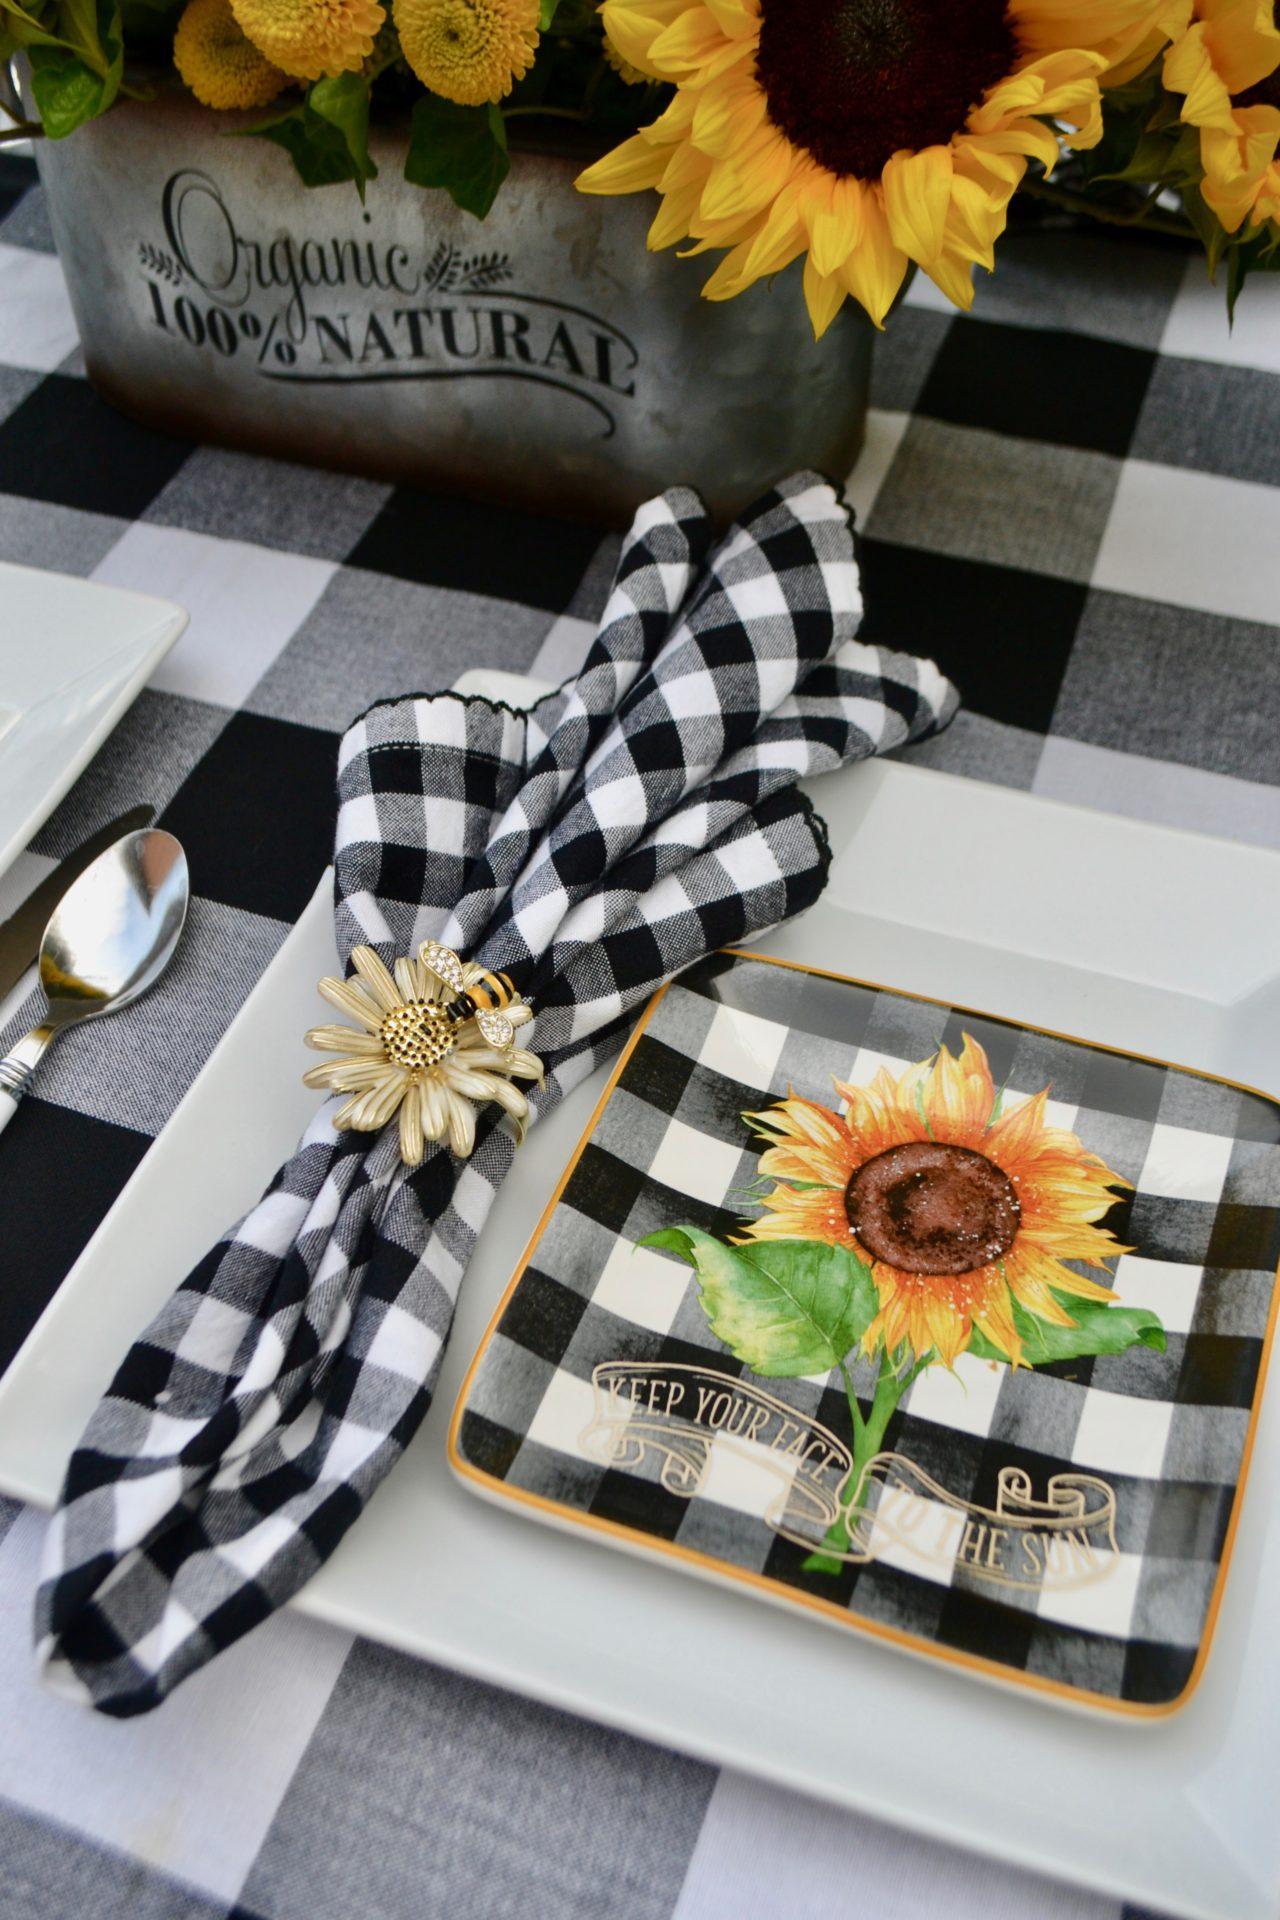 How to set a sunflower table lizbushong.com